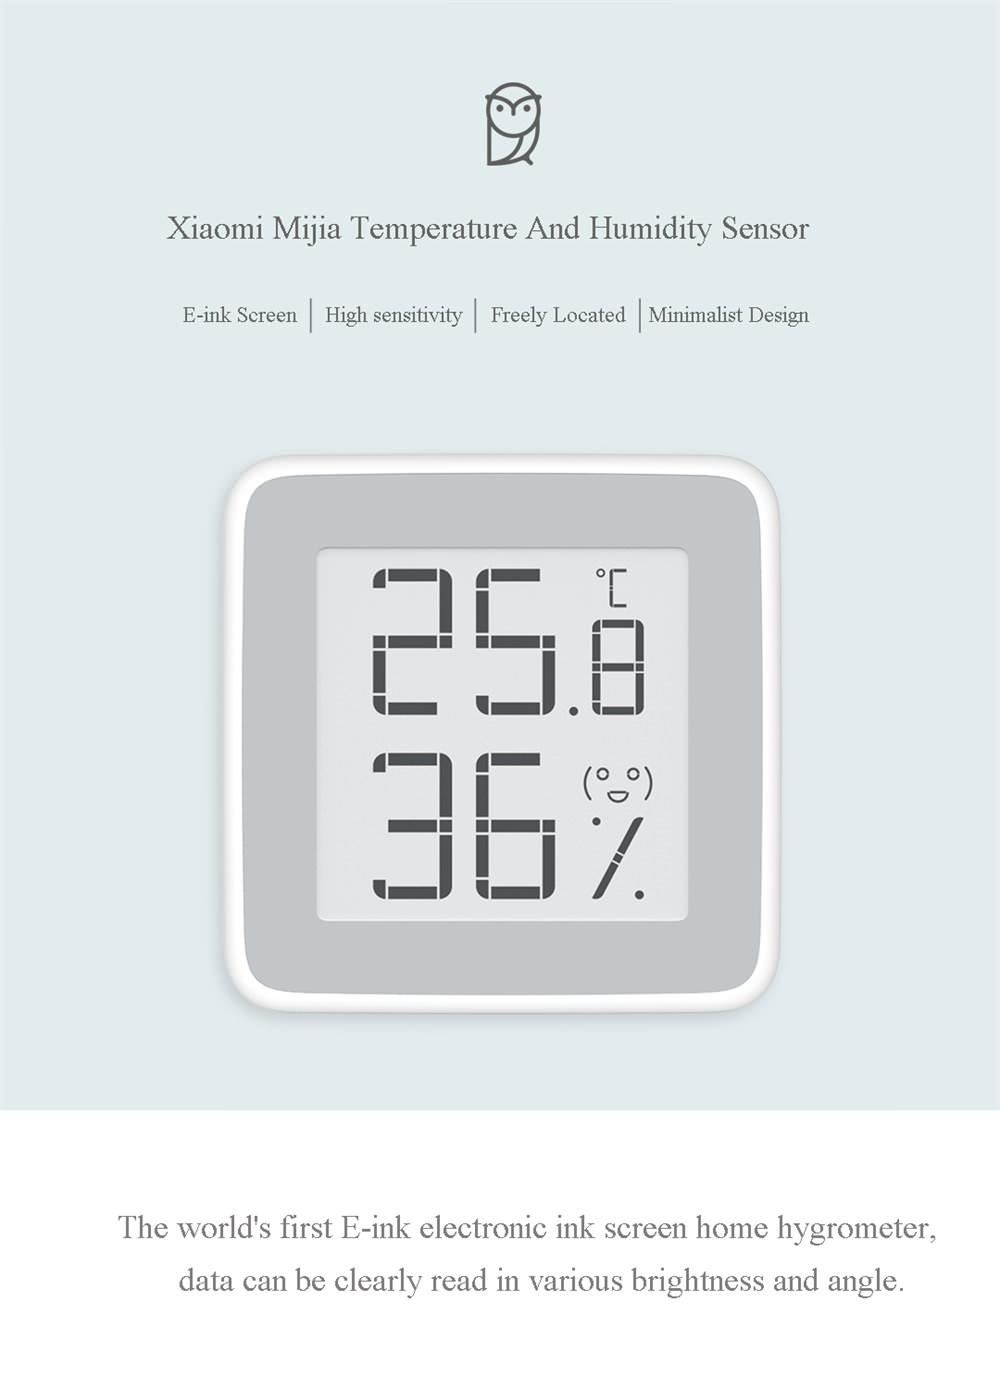 xiaomi mijia temperature humidity sensor